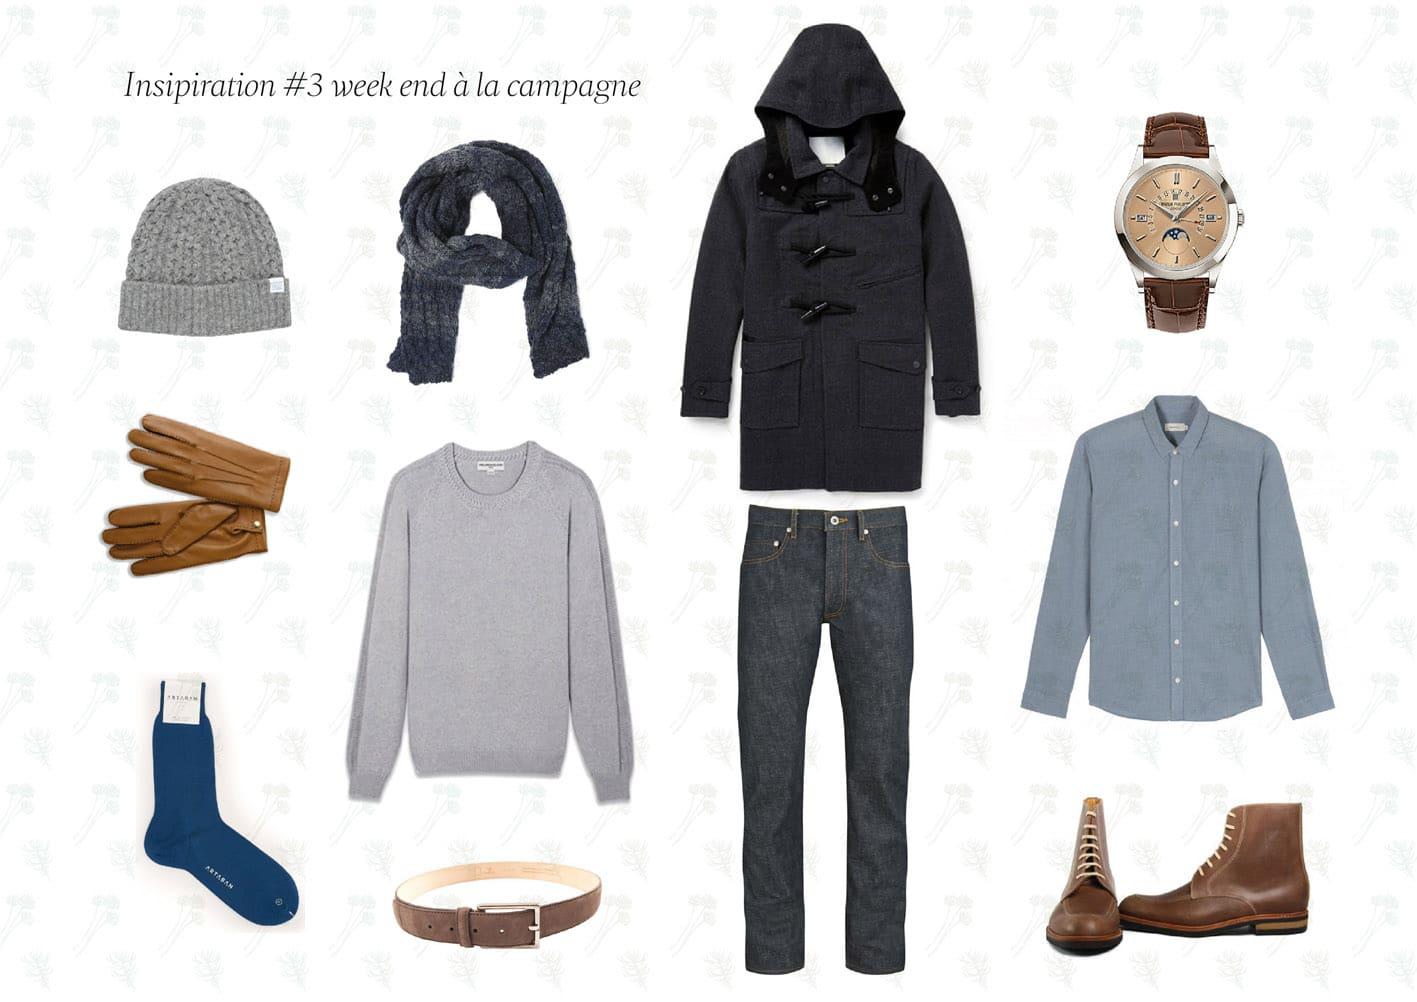 Inspiration du jour 3 01 - Inspiration #3: tenue homme week end à la campagne